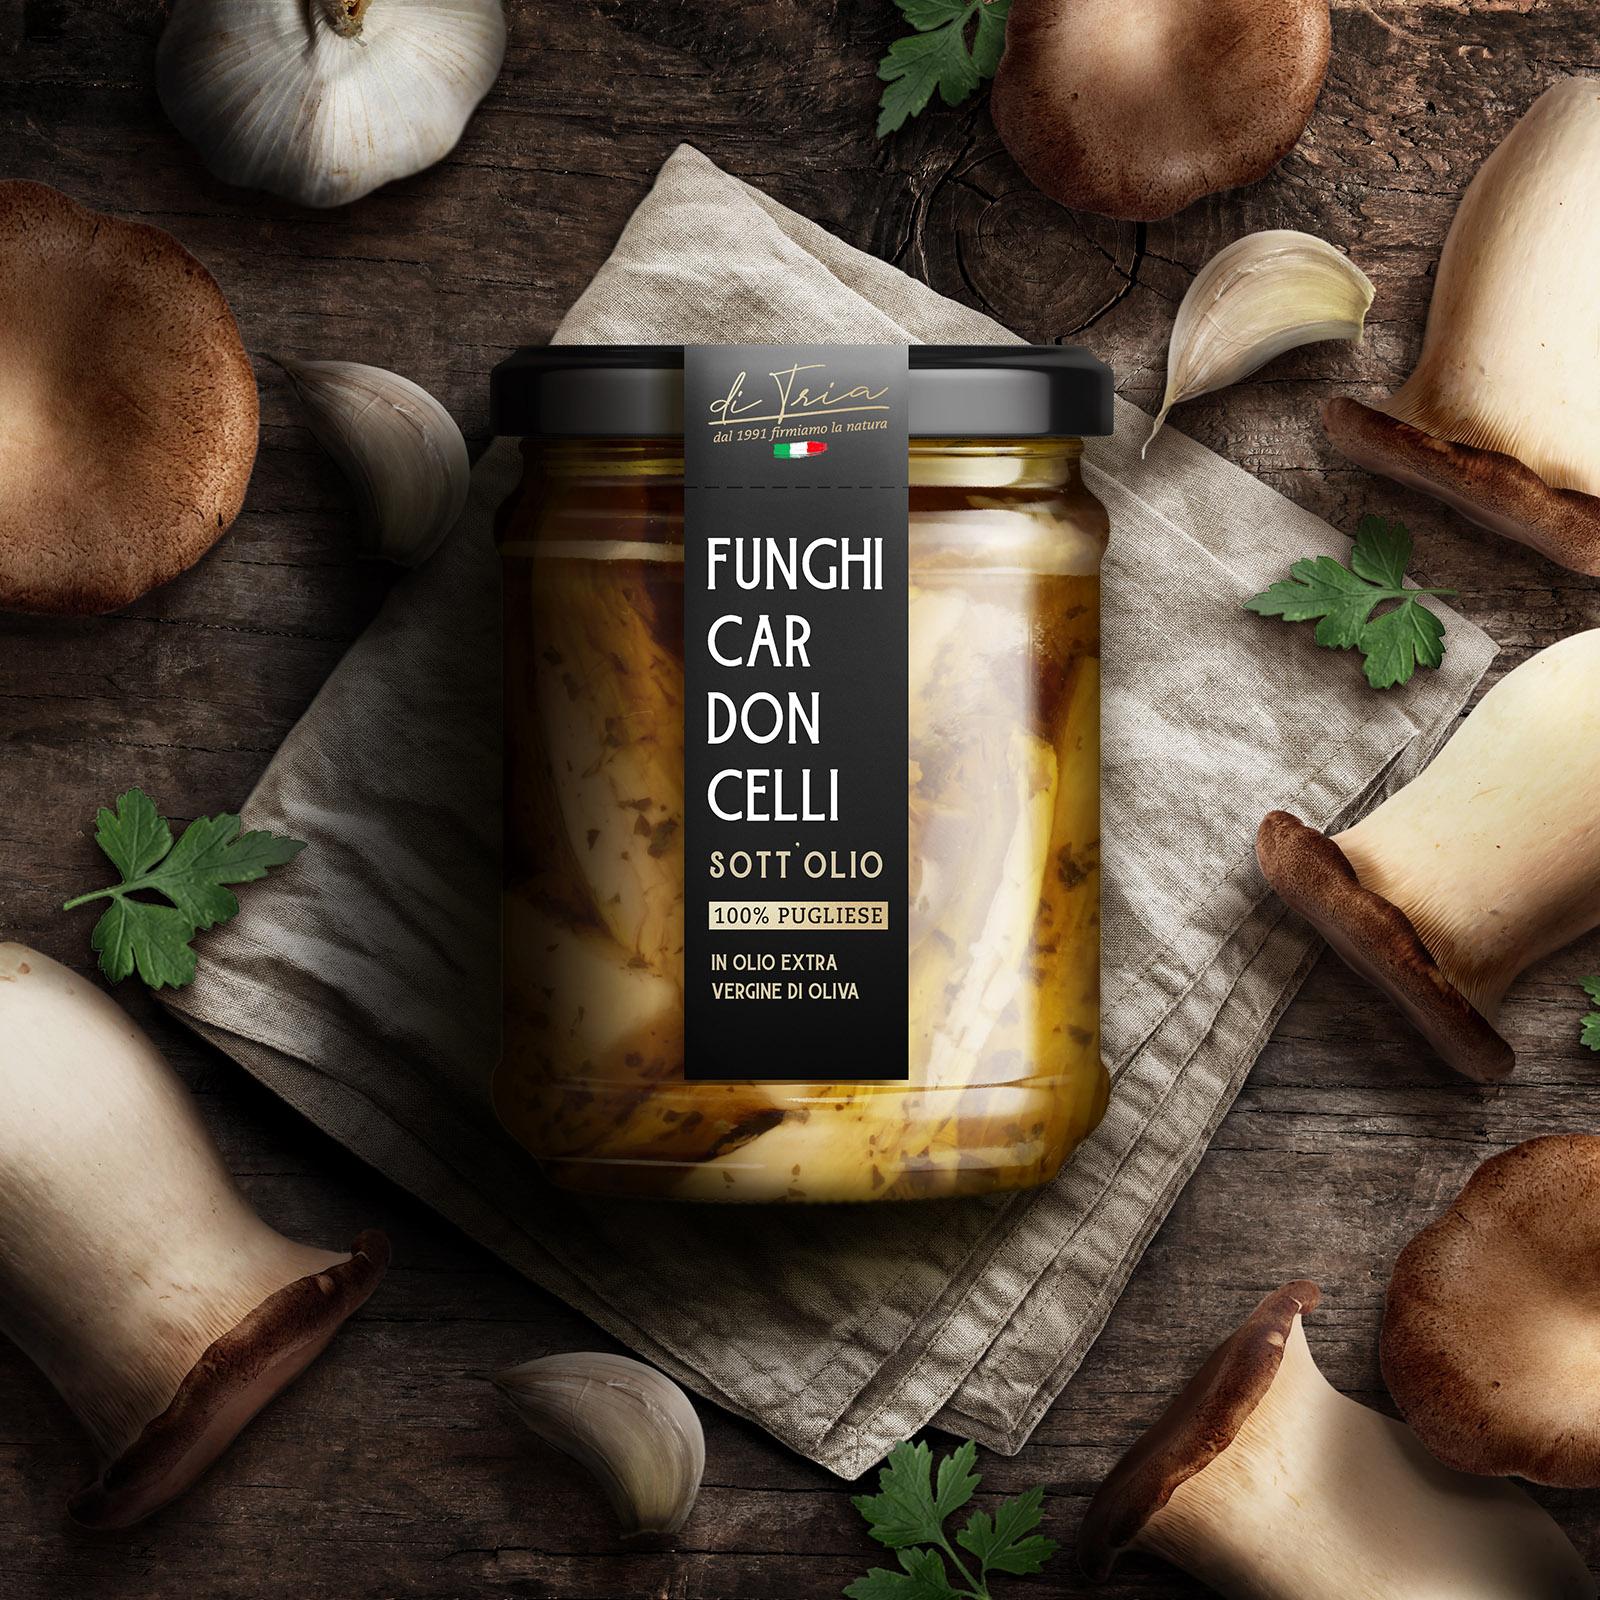 Funghi Sott'olio